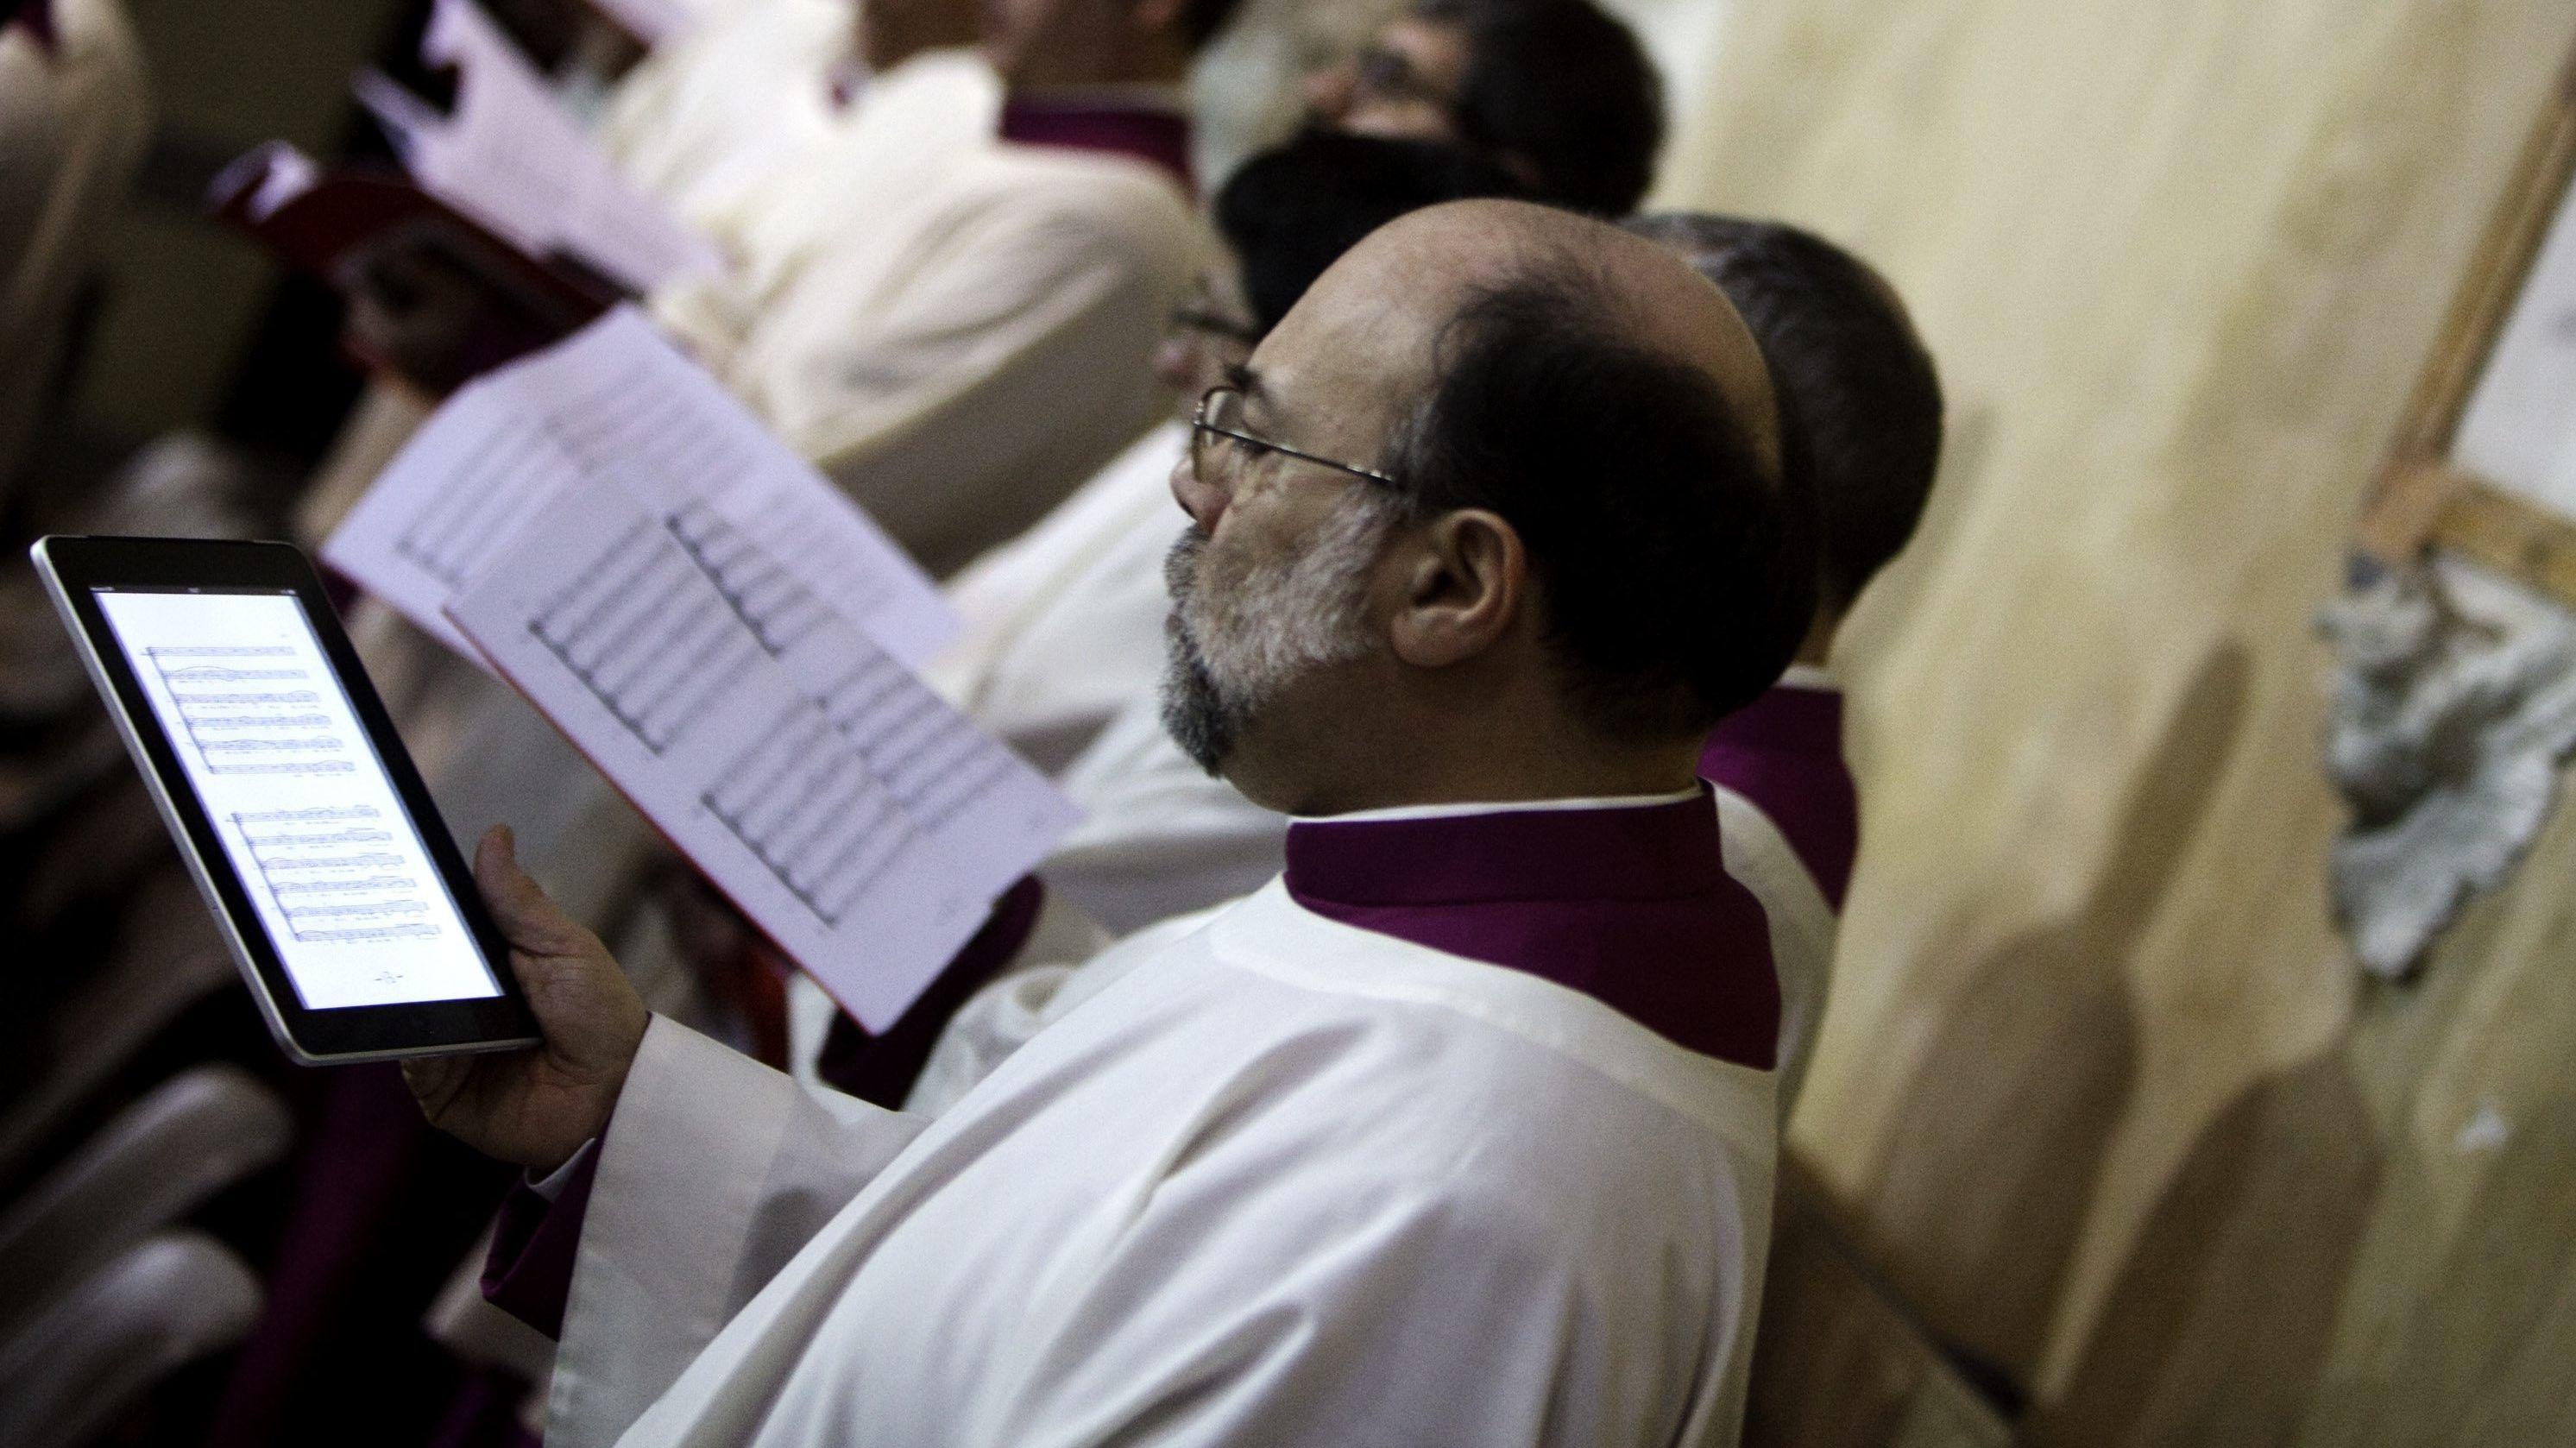 Priester liest Noten vom iPad ab